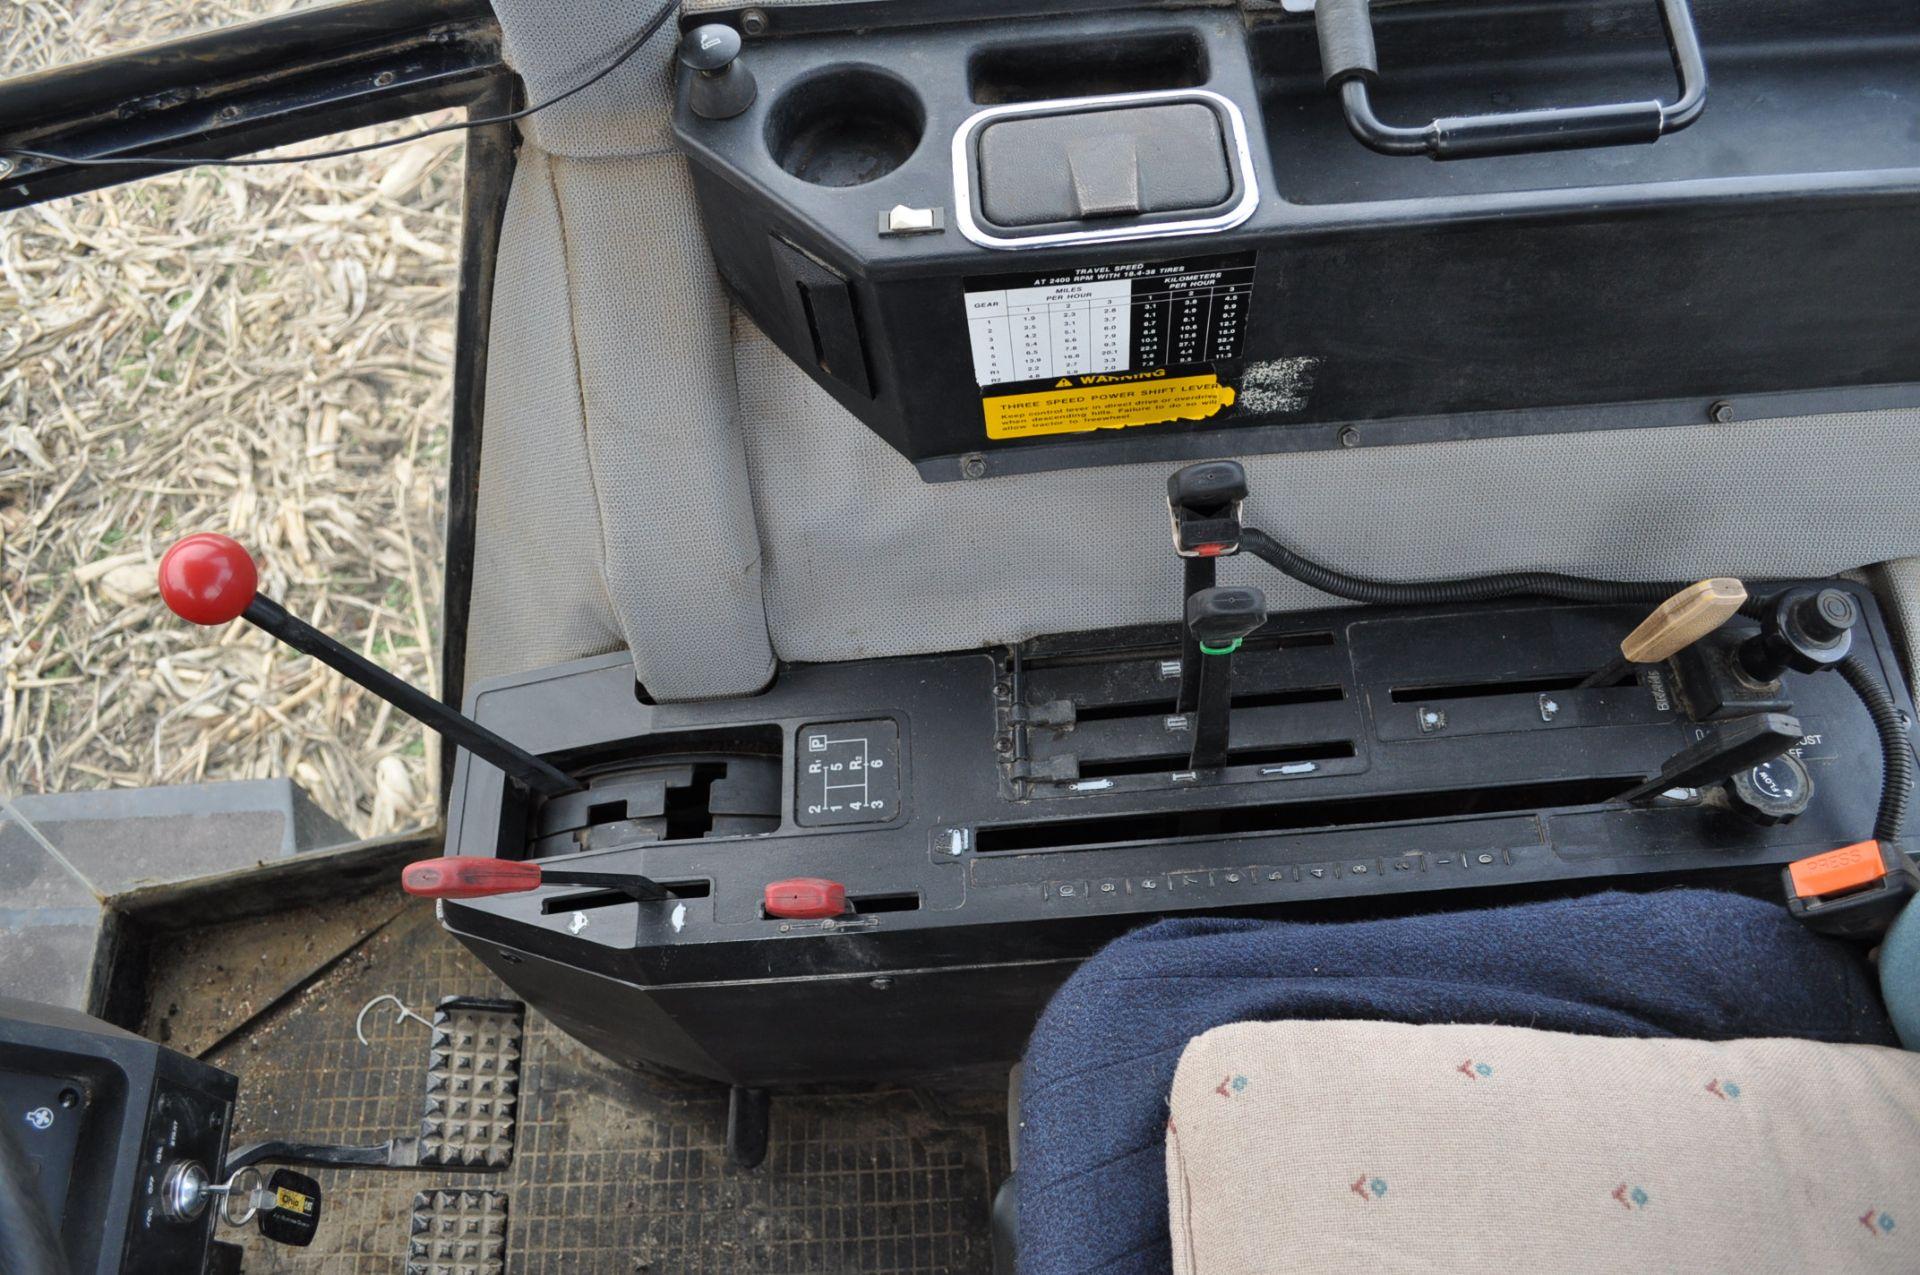 Deutz Allis 9150 tractor, MFWD, 18.4 R 42 duals, 420/85 R 28 tires, 6+3 speed range, 2 hyd - Image 14 of 20